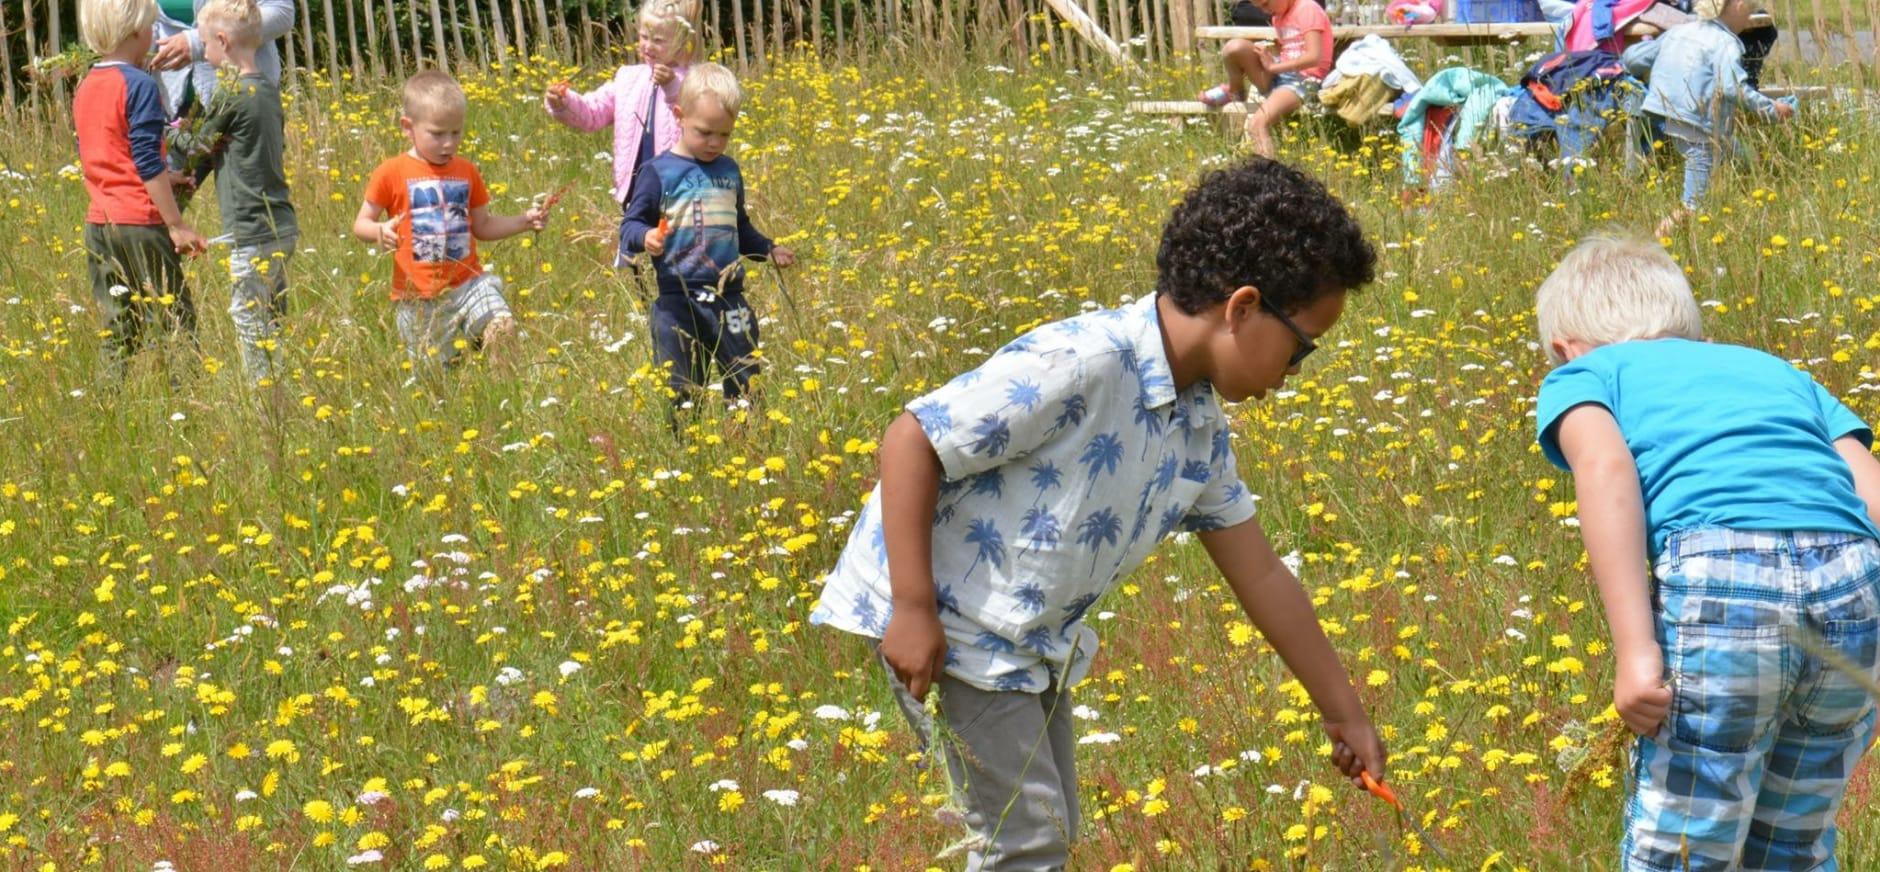 Voorjaarsfeest in de bloemenweide van Natuurmonumenten